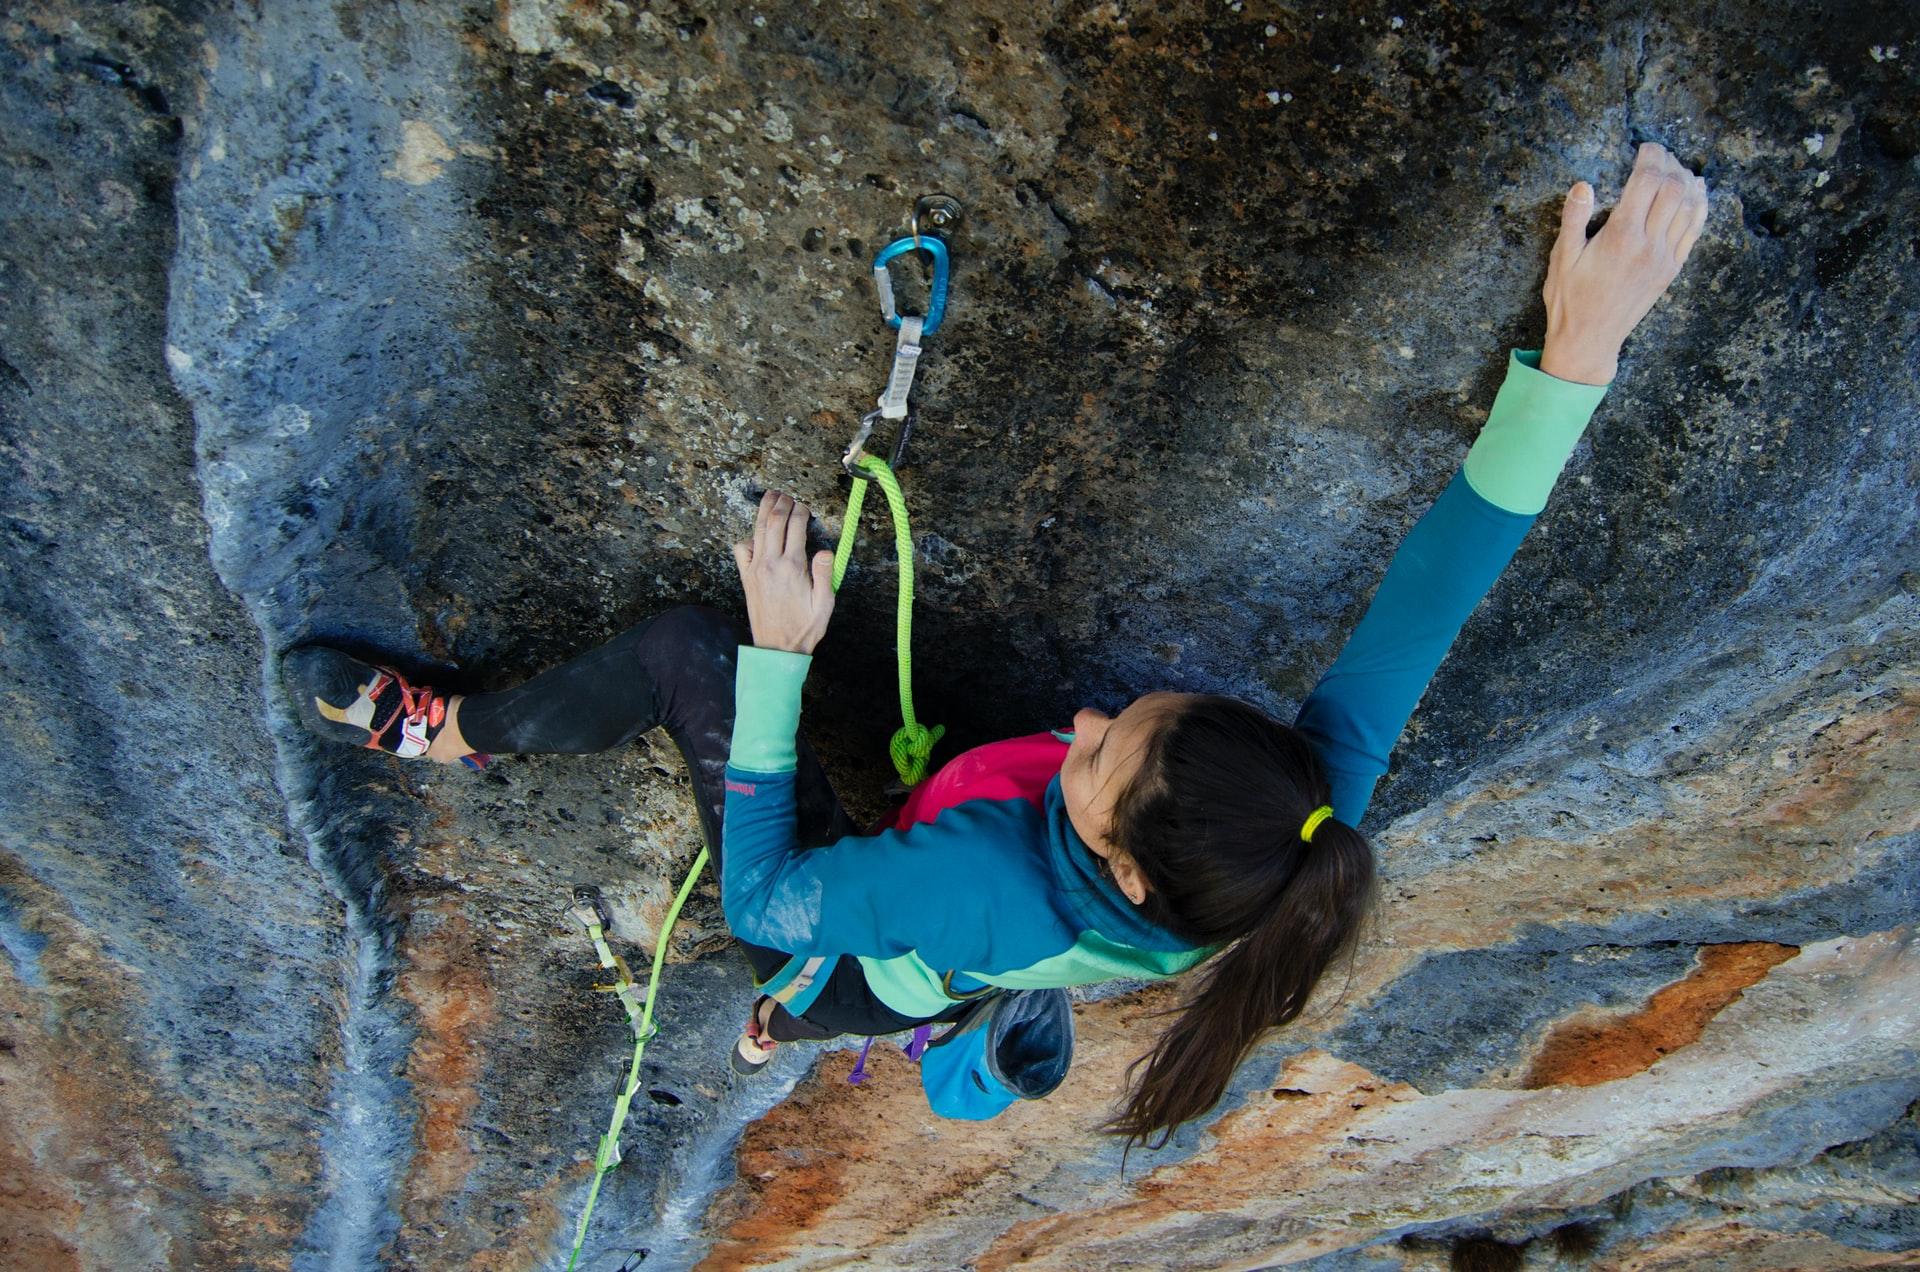 chica escalando montaña